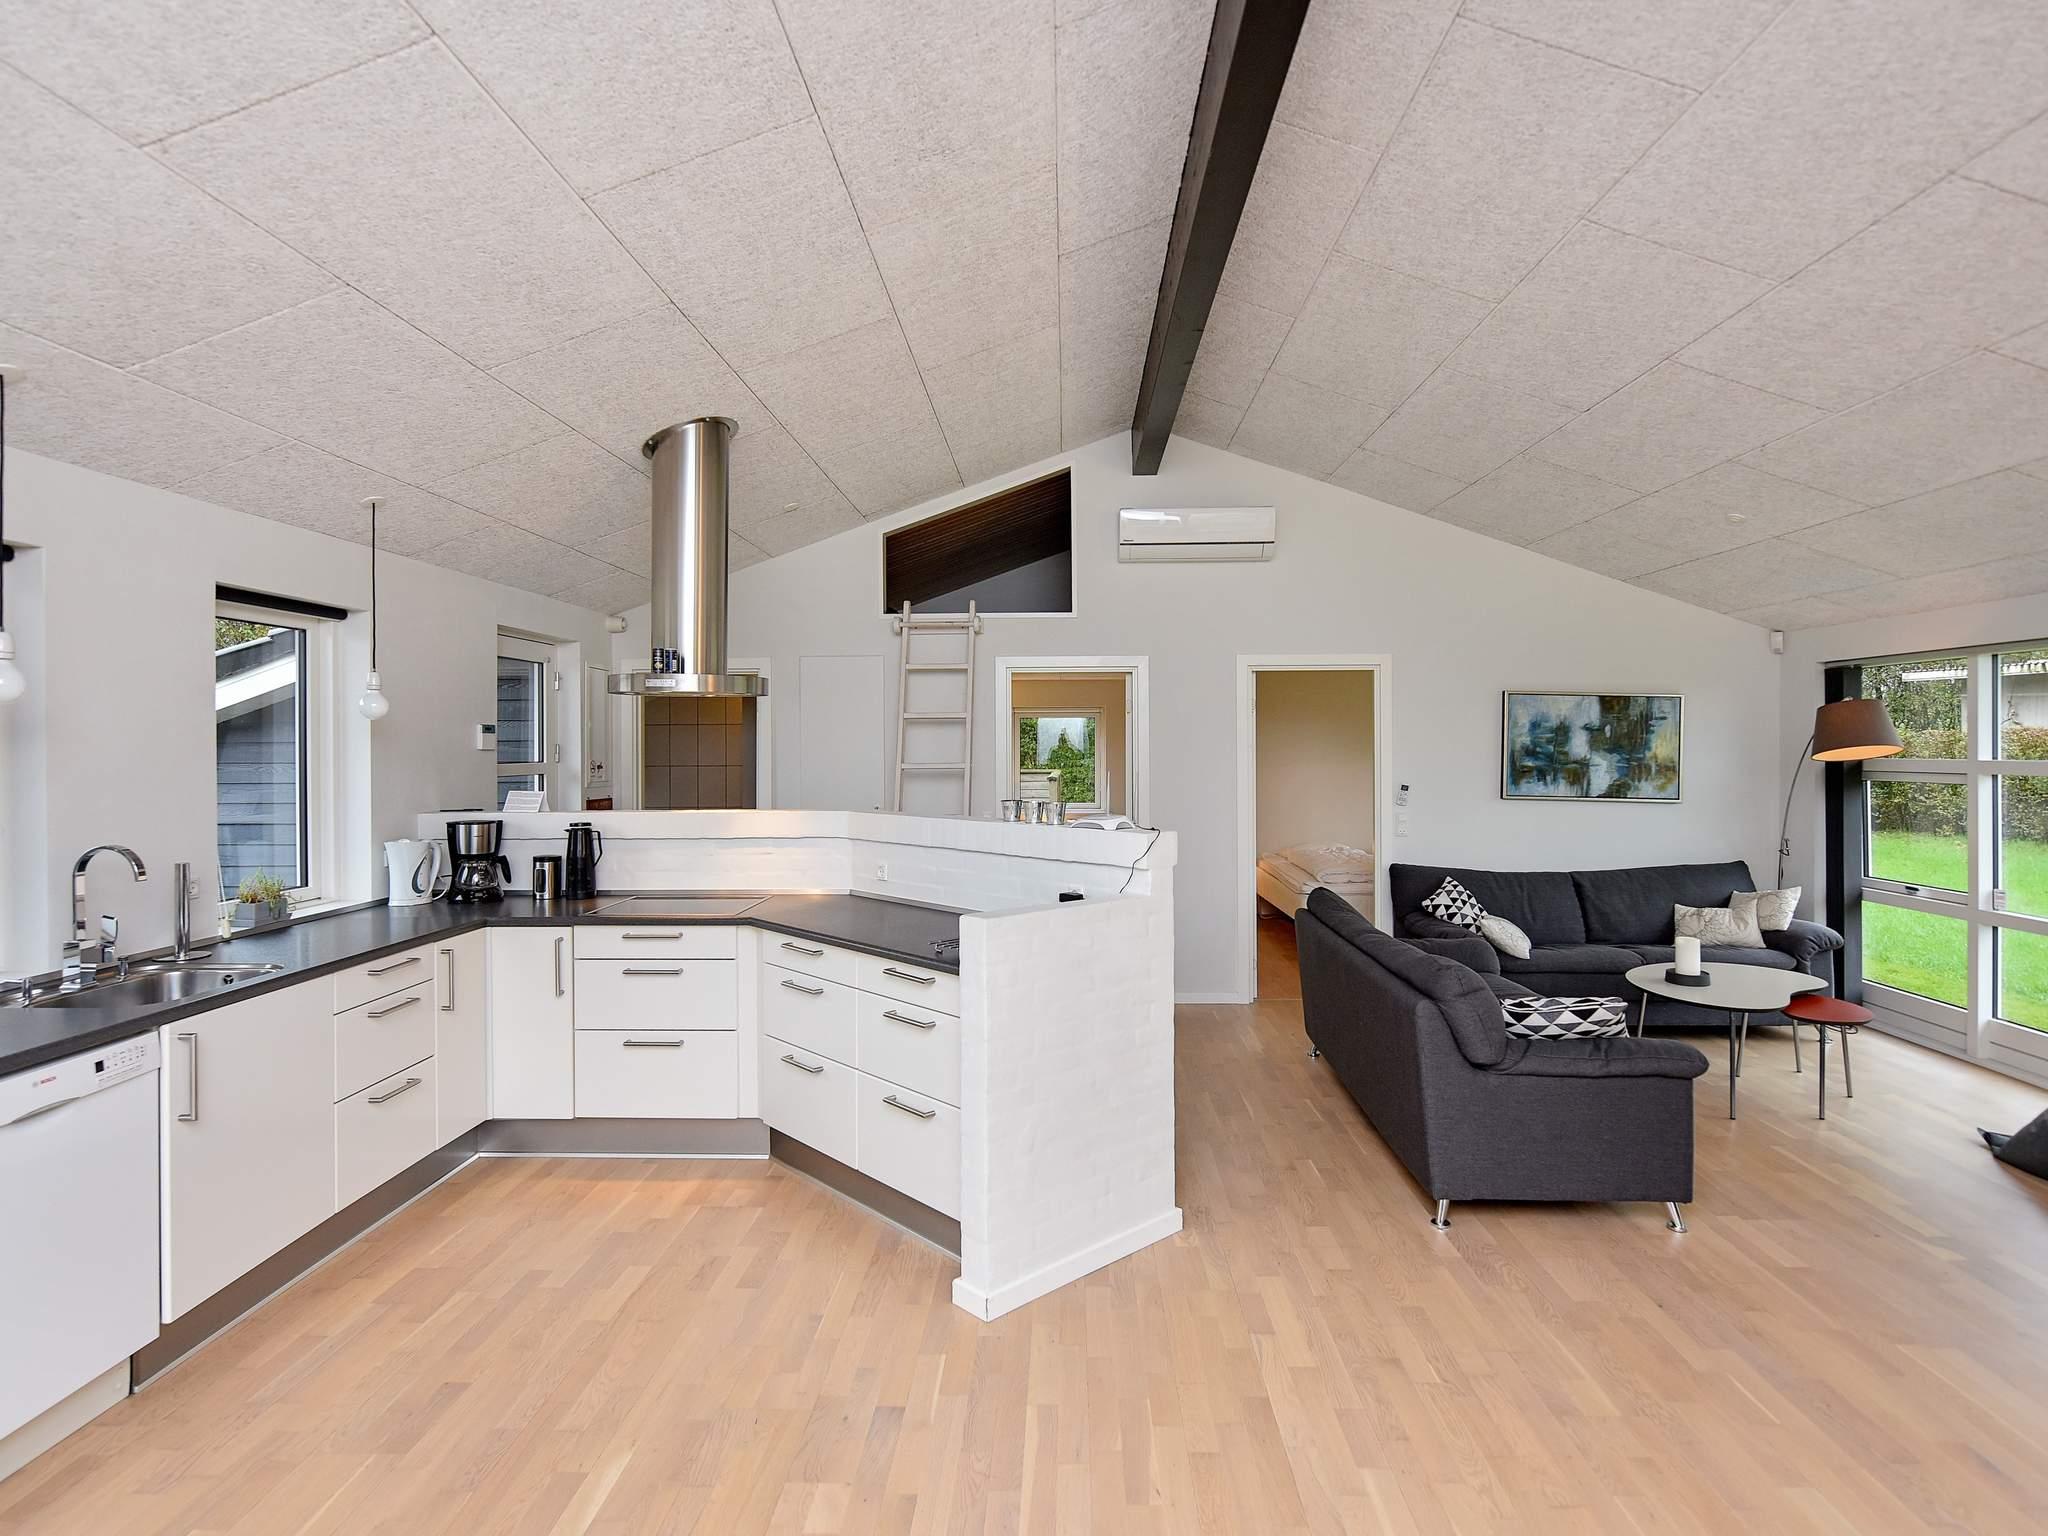 Ferienhaus Hovborg (404746), Hovborg, , Südjütland, Dänemark, Bild 8